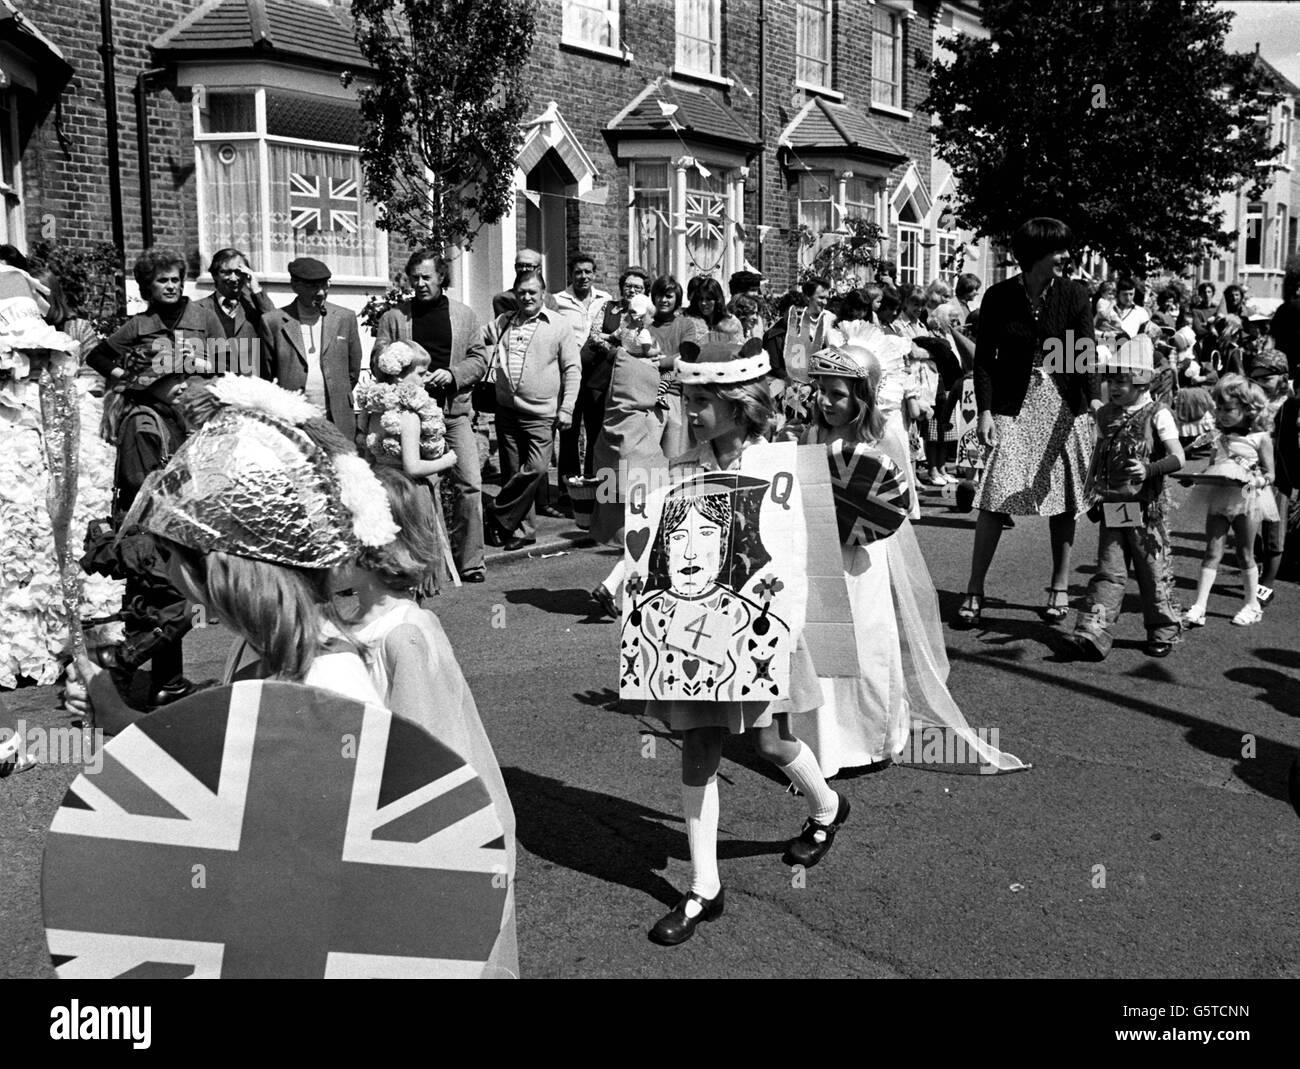 Royalty - Queen Elizabeth II Silver Jubilee - Stock Image